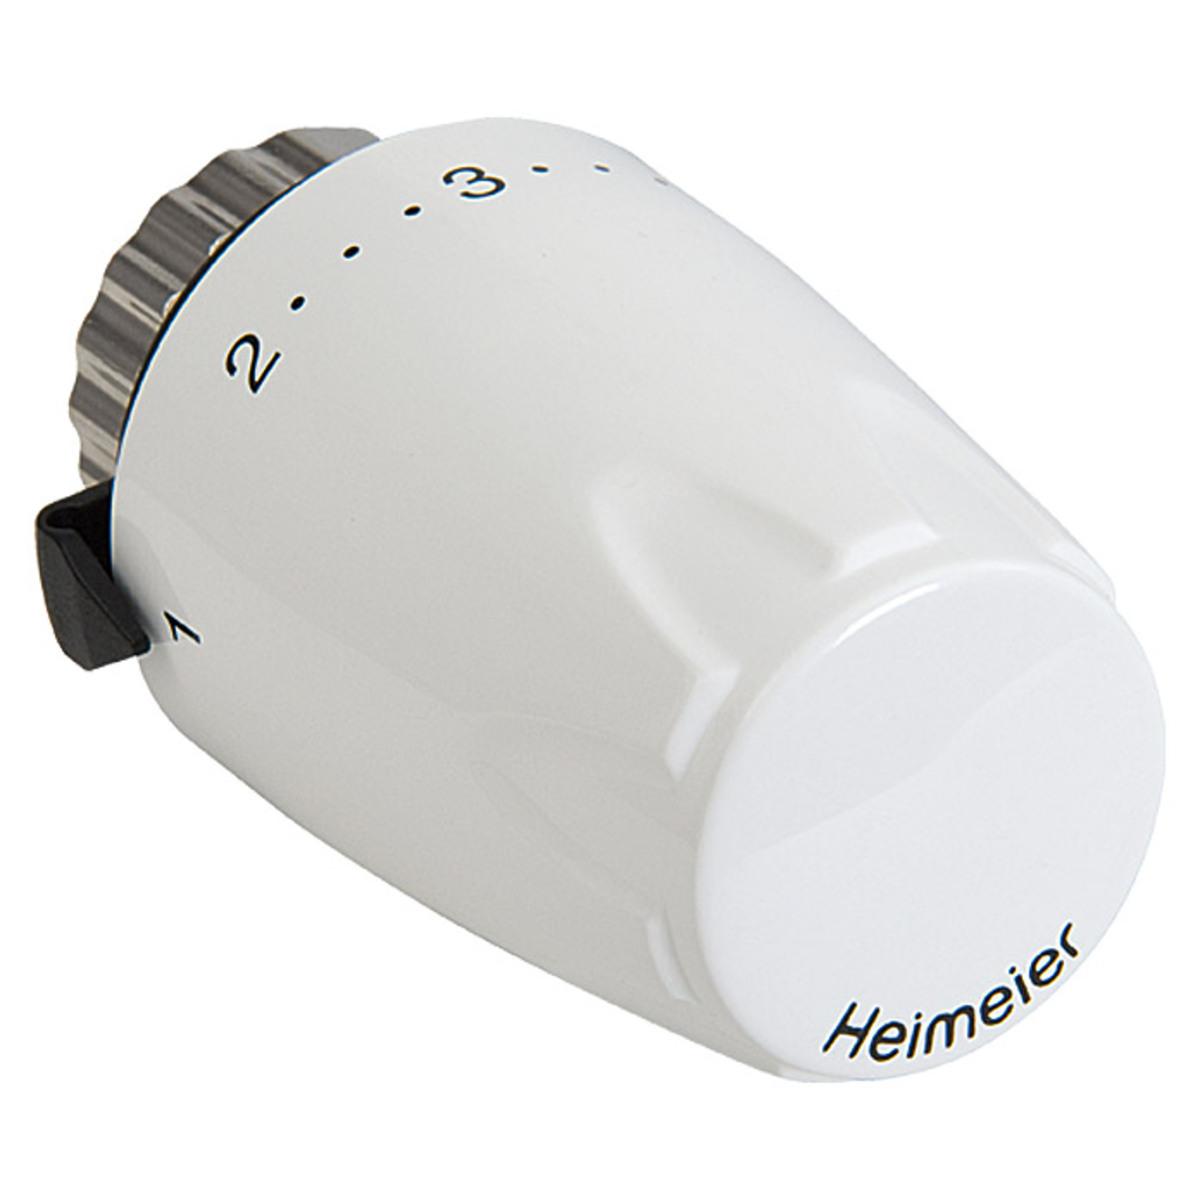 Bild 1 von Heimeier Thermostatkopf DX